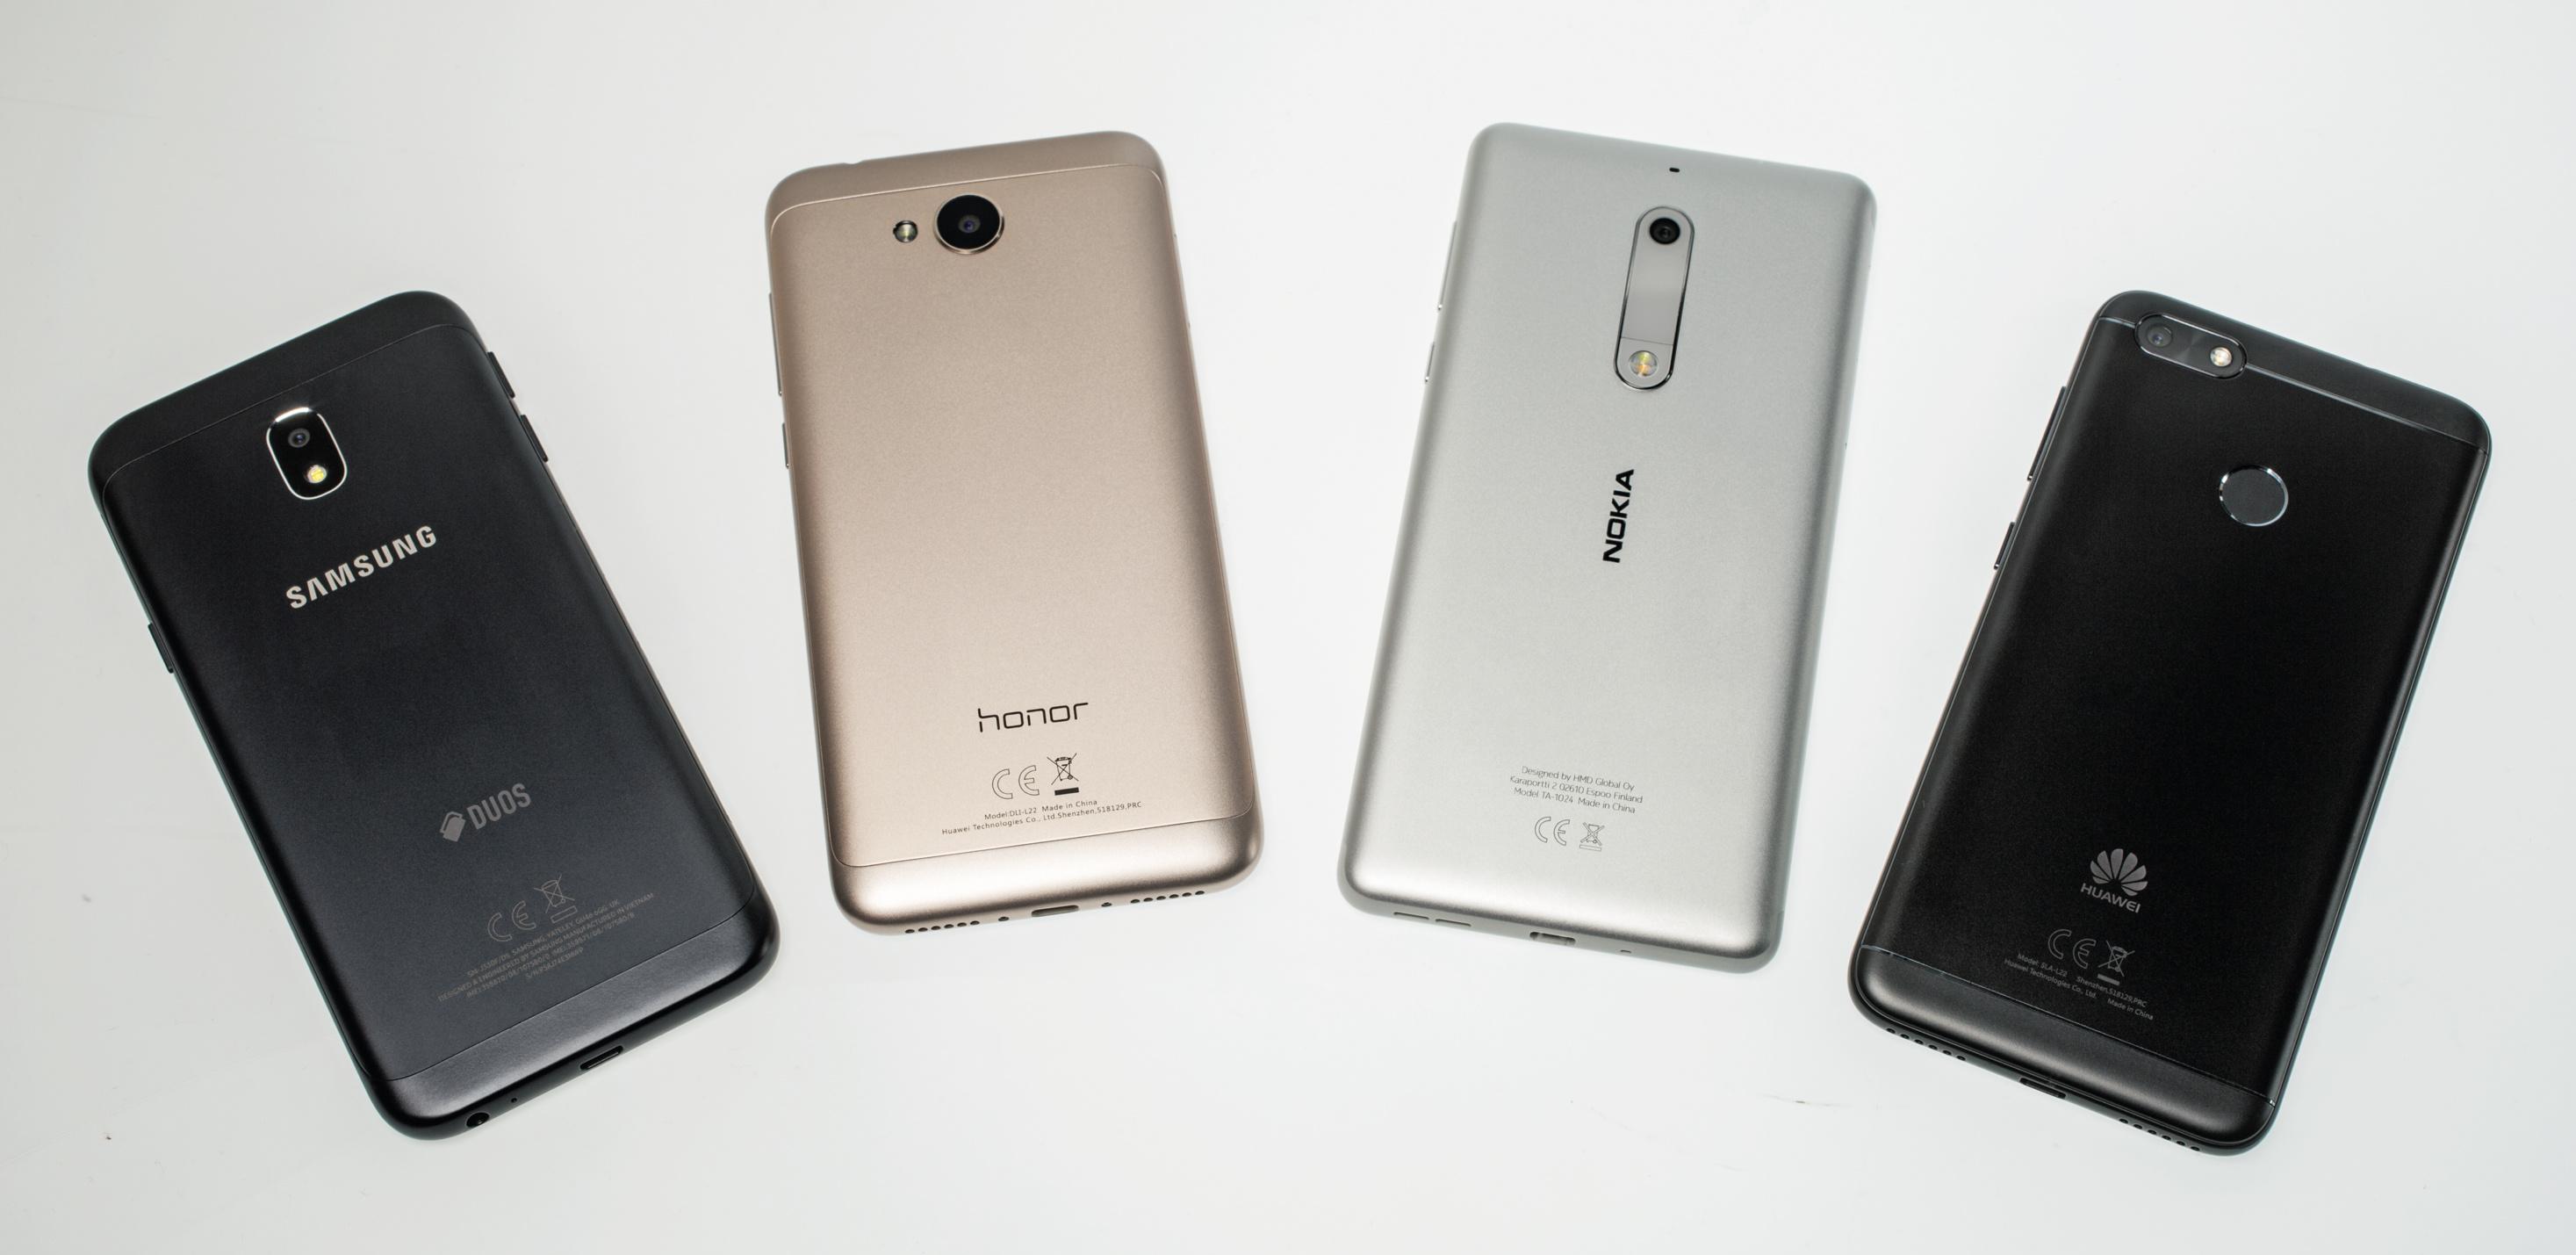 android smartphones zwischen 150 und 200 euro c 39 t magazin. Black Bedroom Furniture Sets. Home Design Ideas